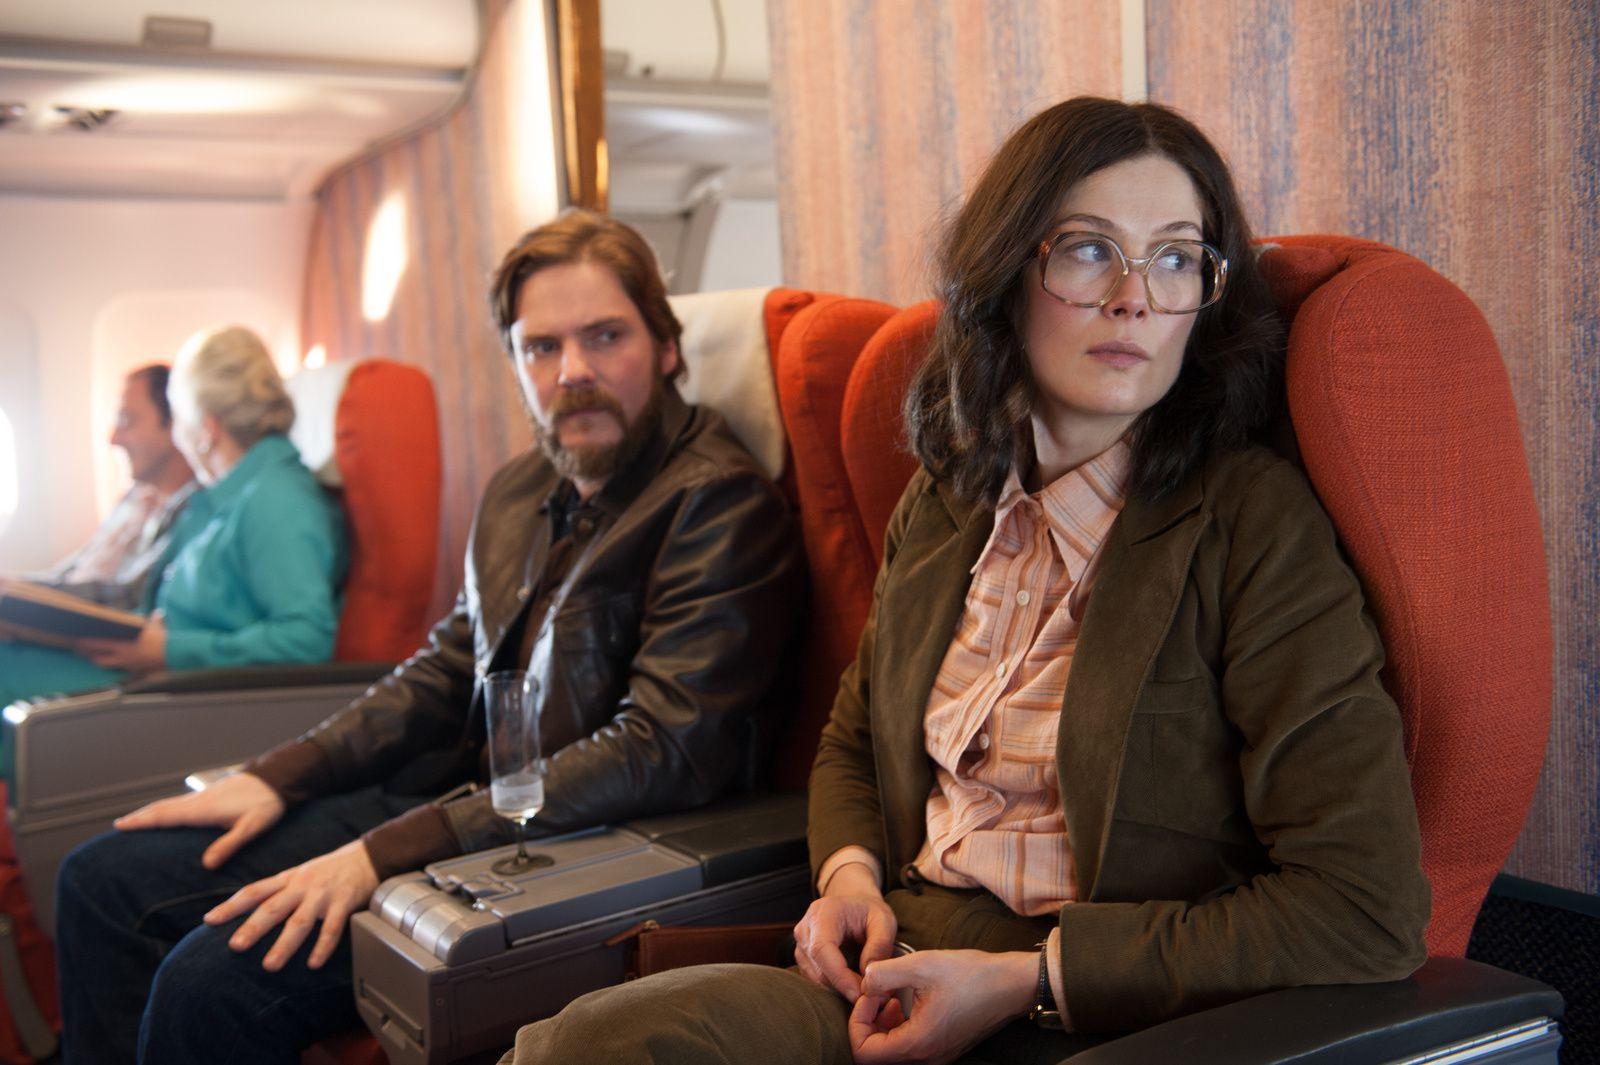 Otages à Entebbe, découvrez la bande-annonce sous tension du thriller de José Padilha avec Rosamund Pike, Daniel Brühl.